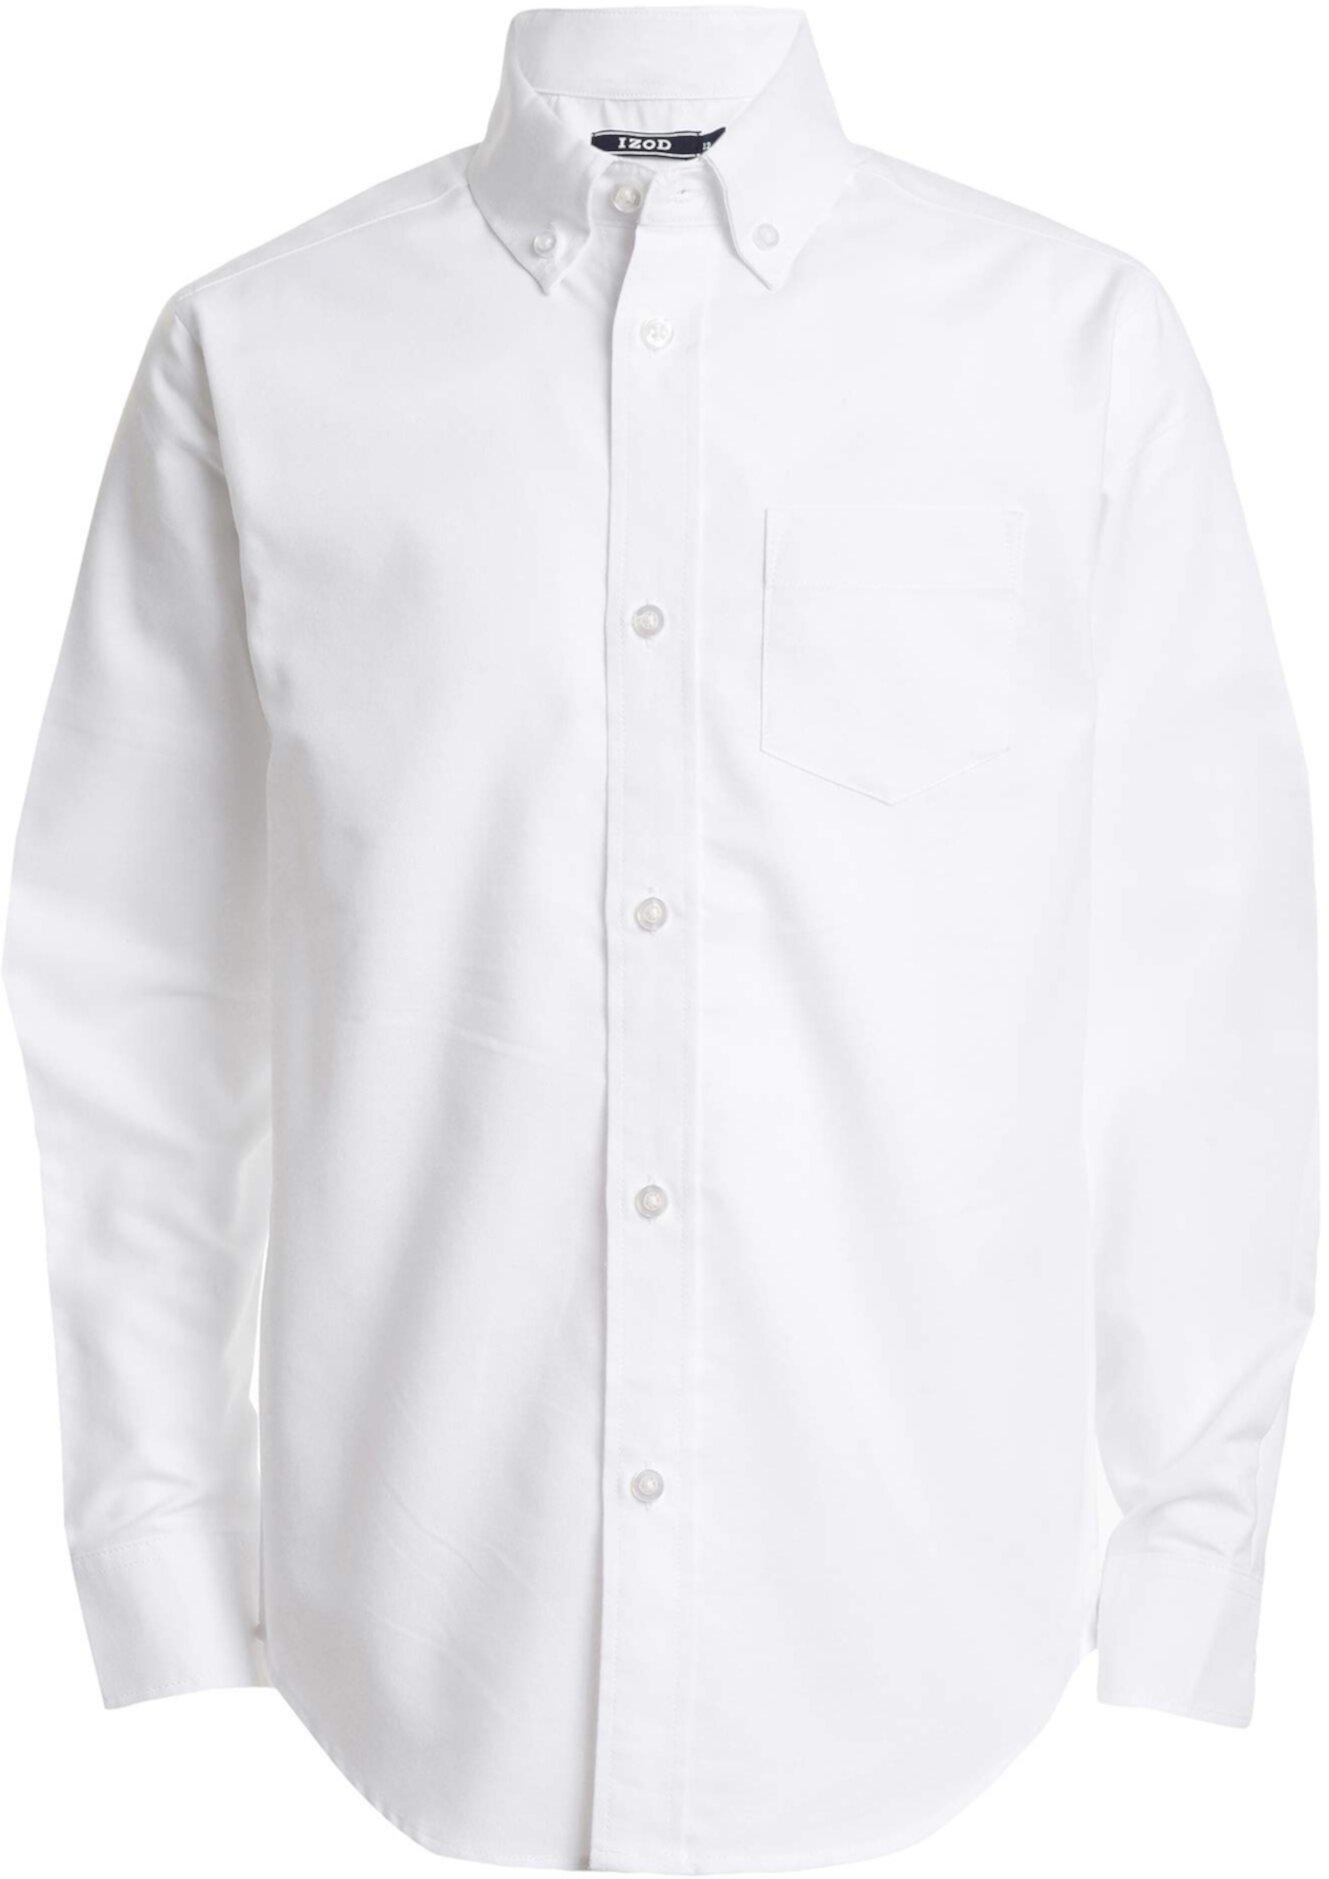 Однотонная оксфордская рубашка на пуговицах с длинным рукавом IZOD